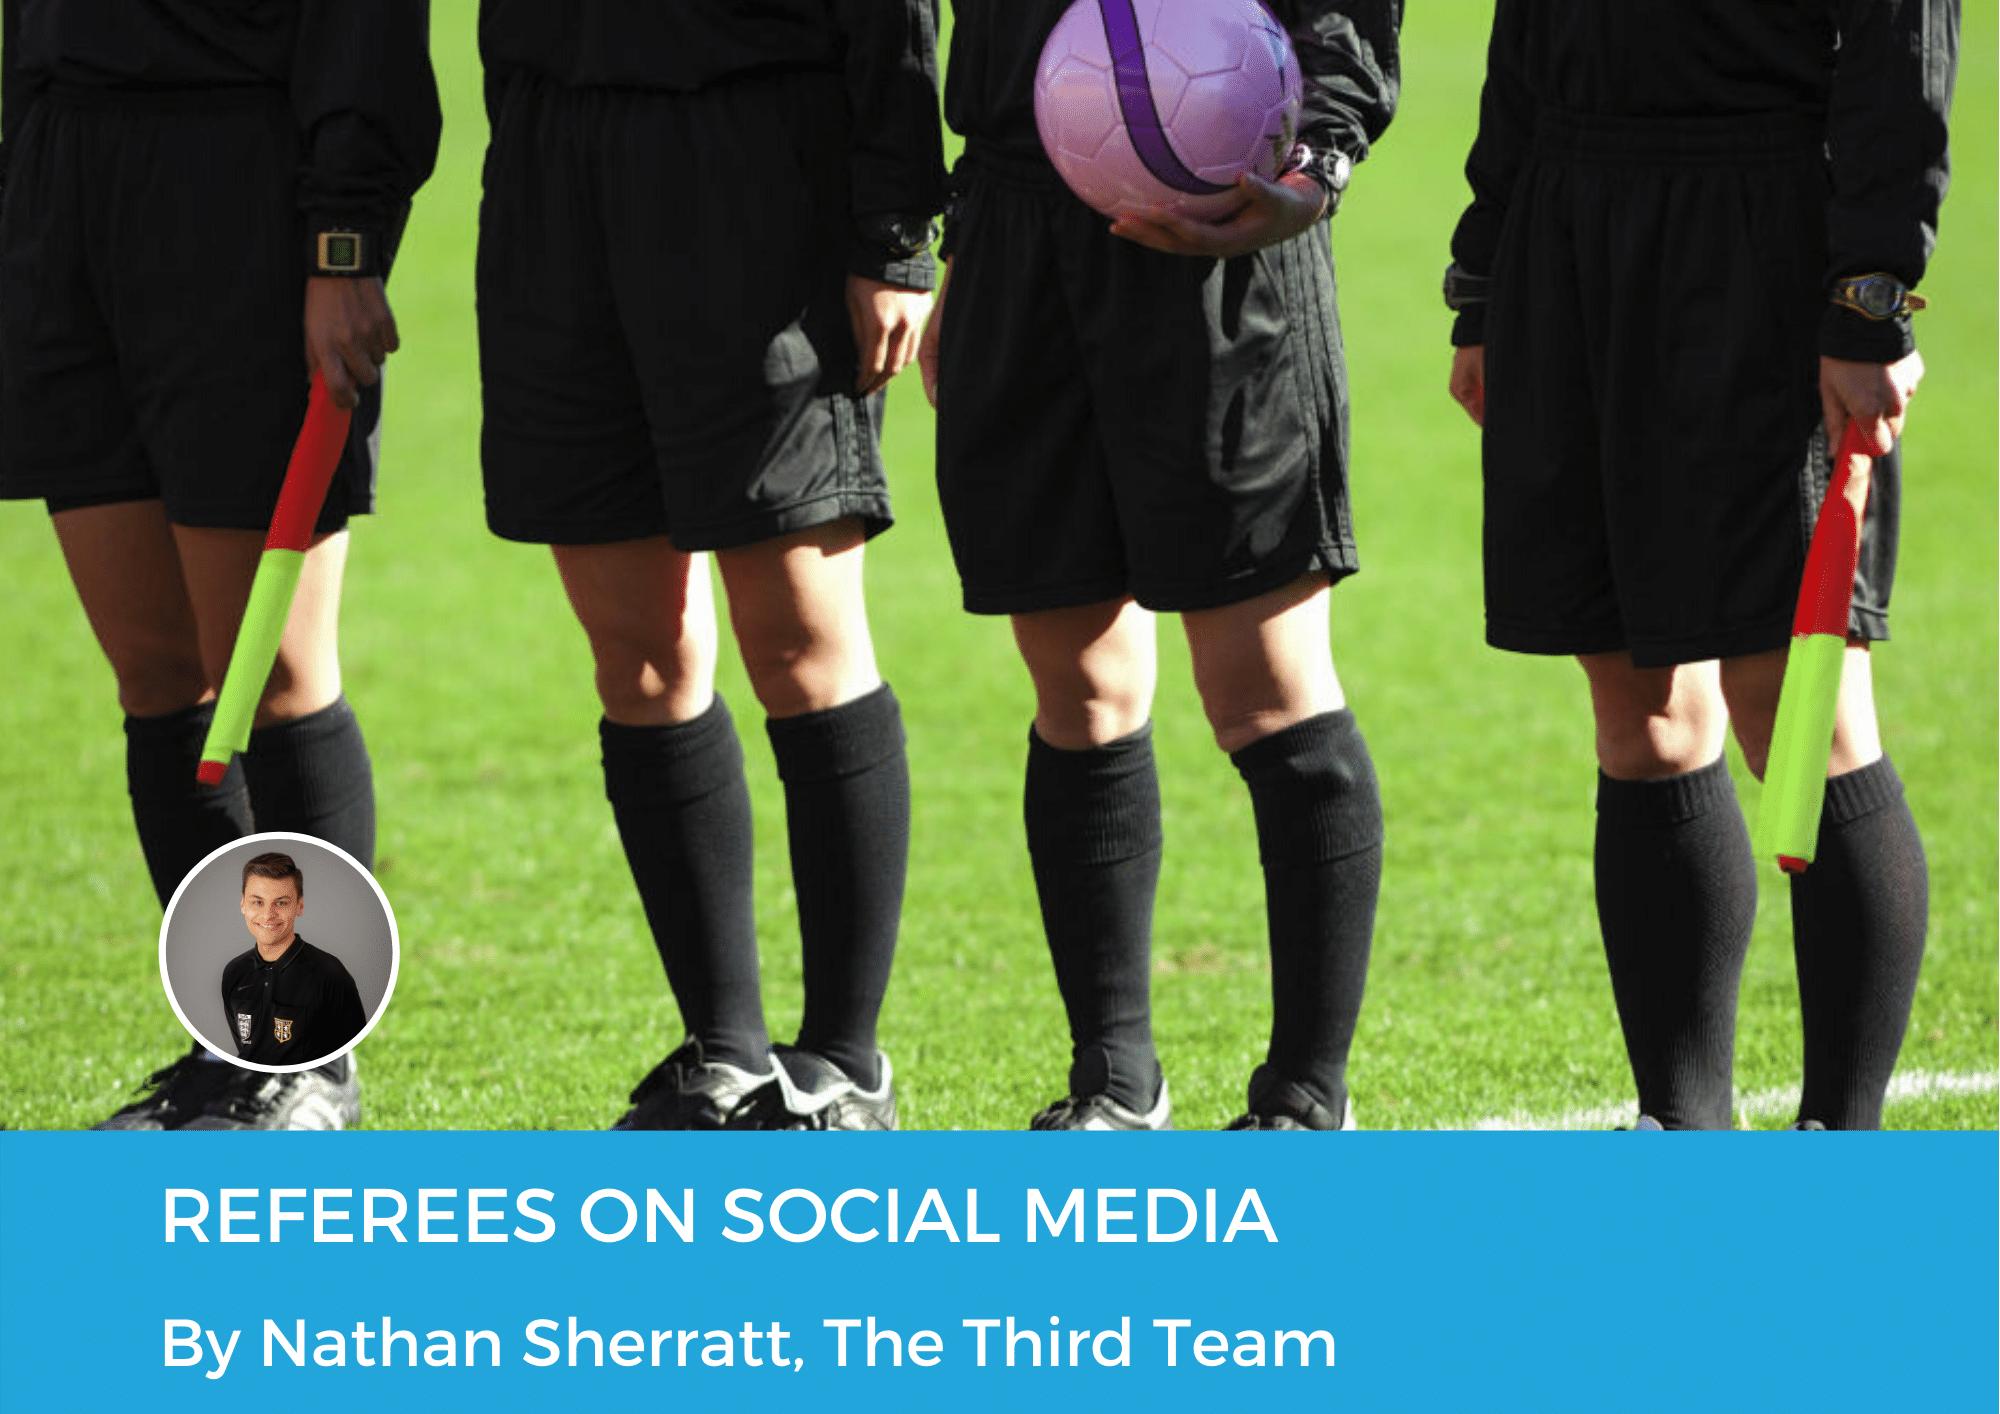 Referees on Social Media